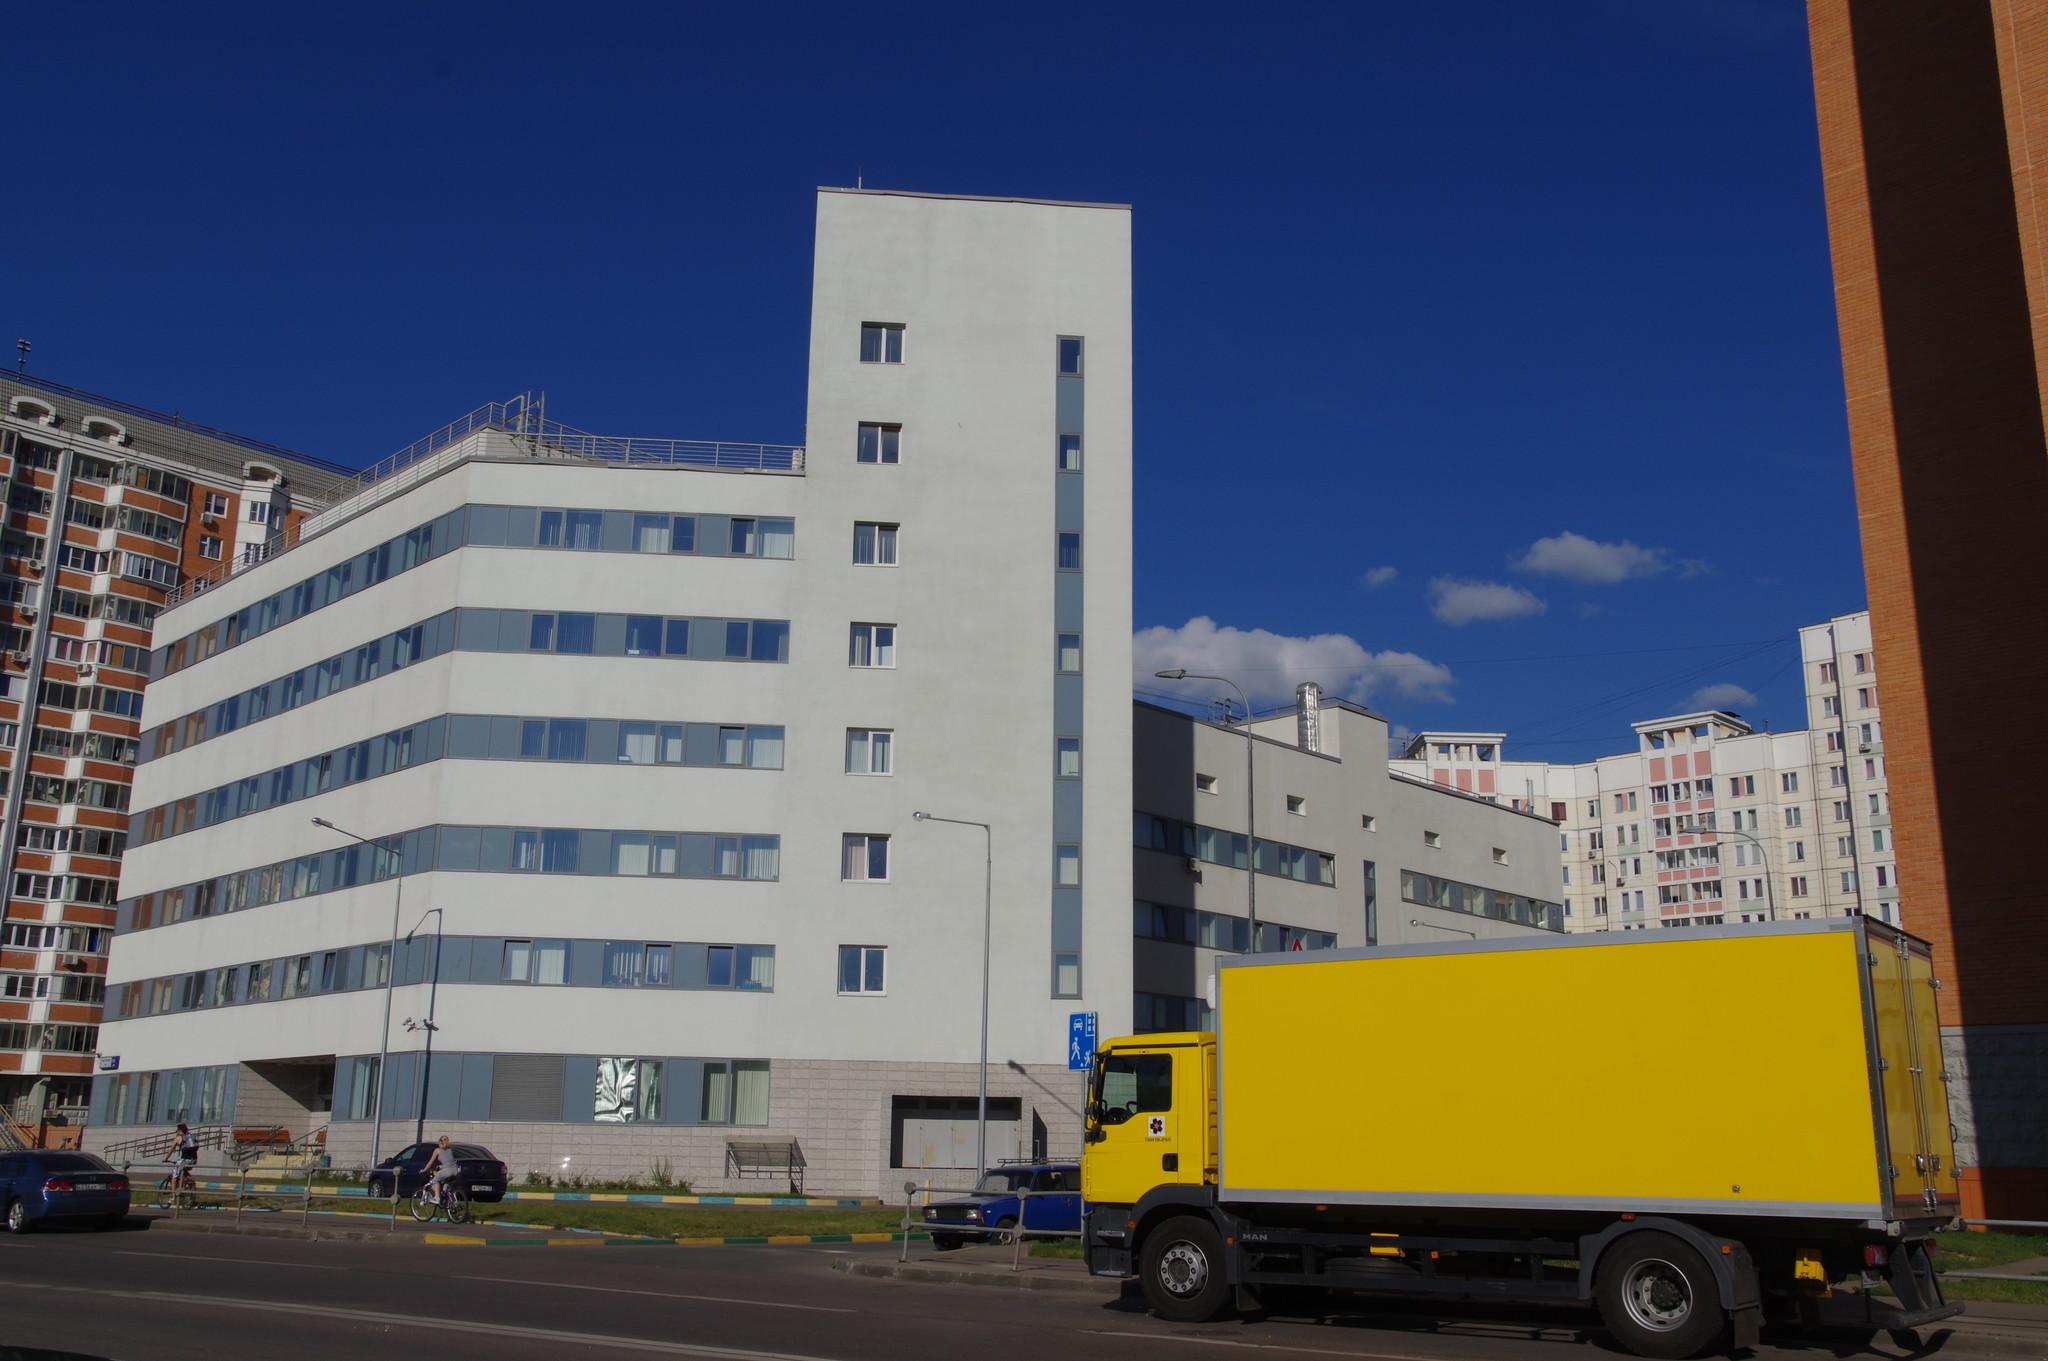 Диагностический центр № 5 с поликлиническим отделением, филиал № 6 (Дмитровское шоссе, дом 165Д, корпус 7)